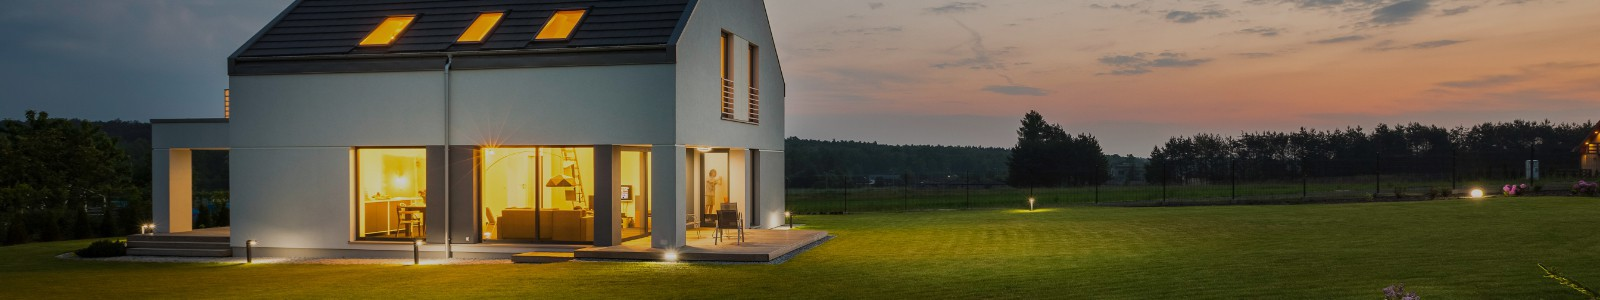 Projekty Dużych Domów Powyżej 180m2 | Duży Dom